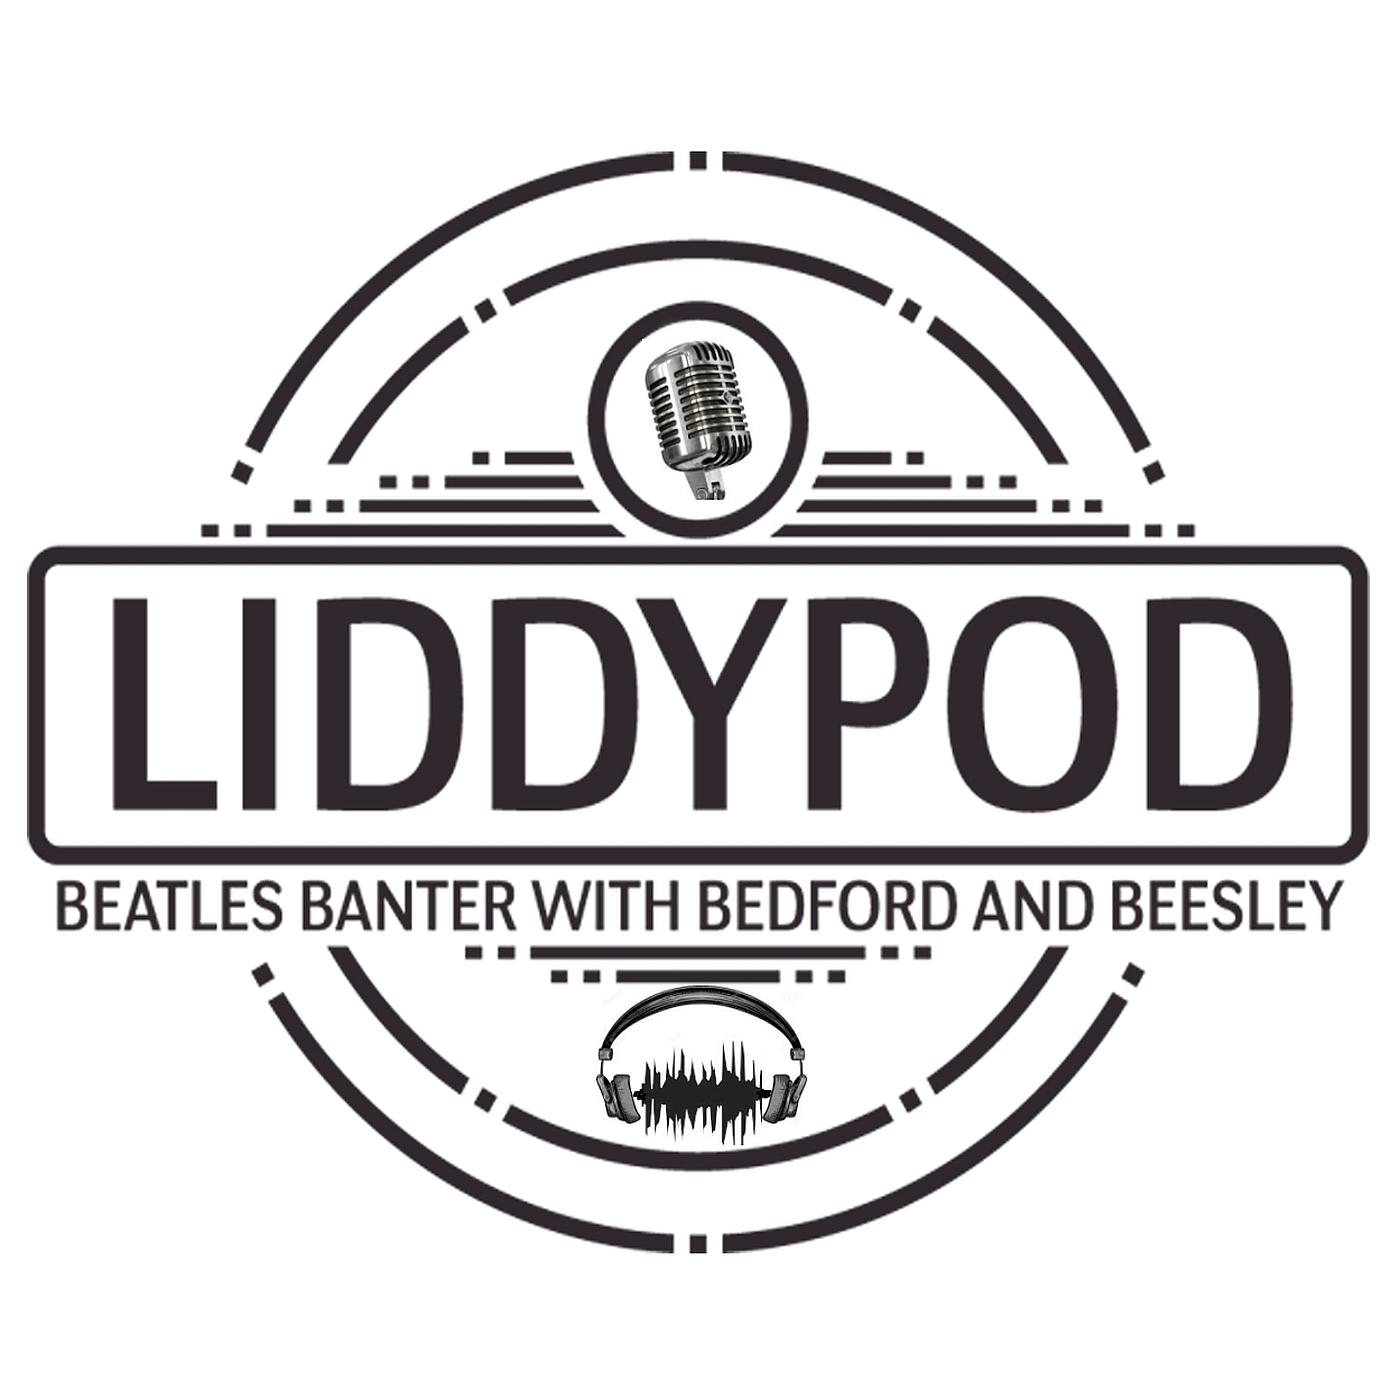 Liddypod